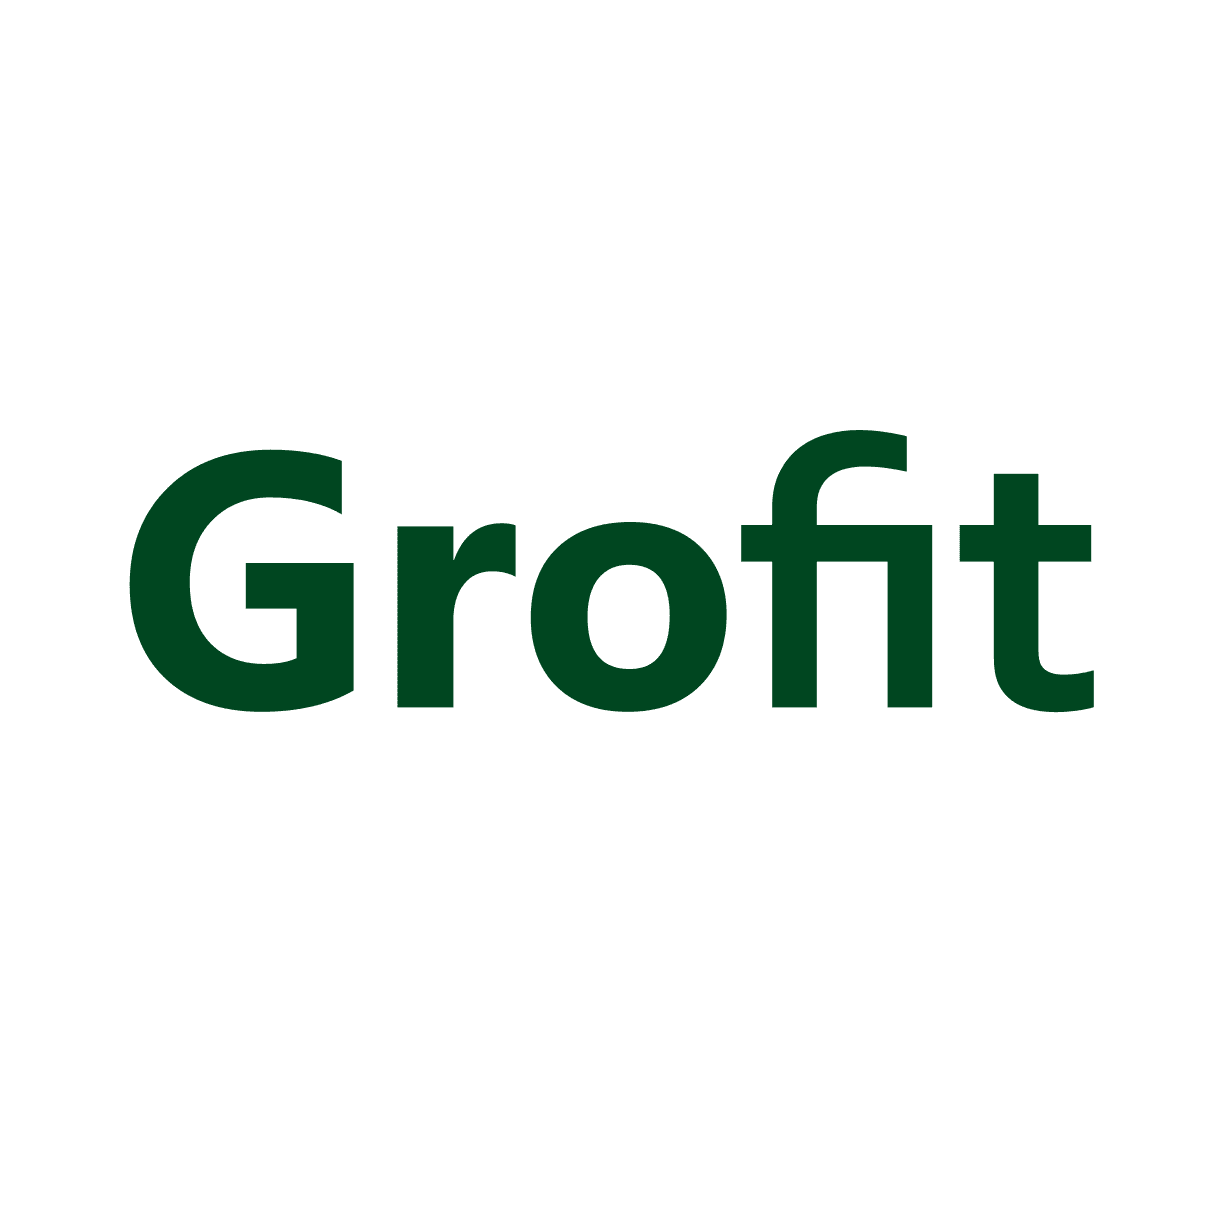 Grofit.eu's logo